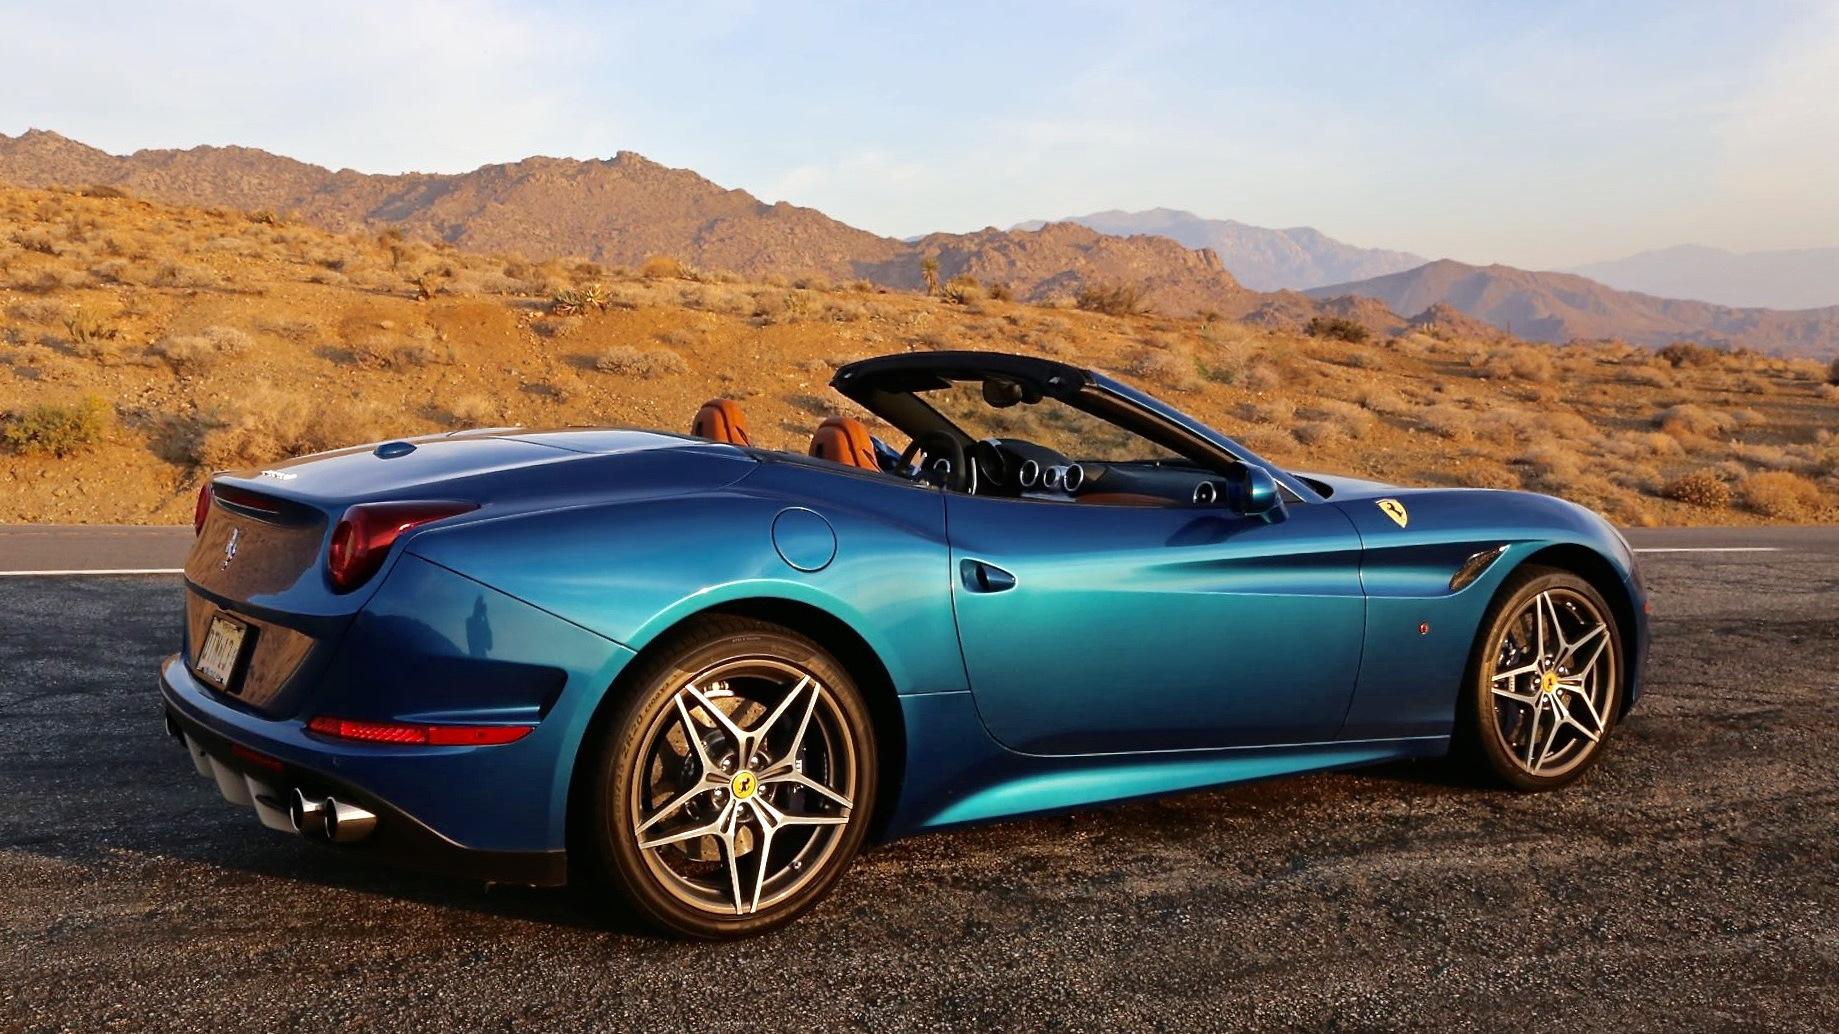 2015 Ferrari California T joy ride